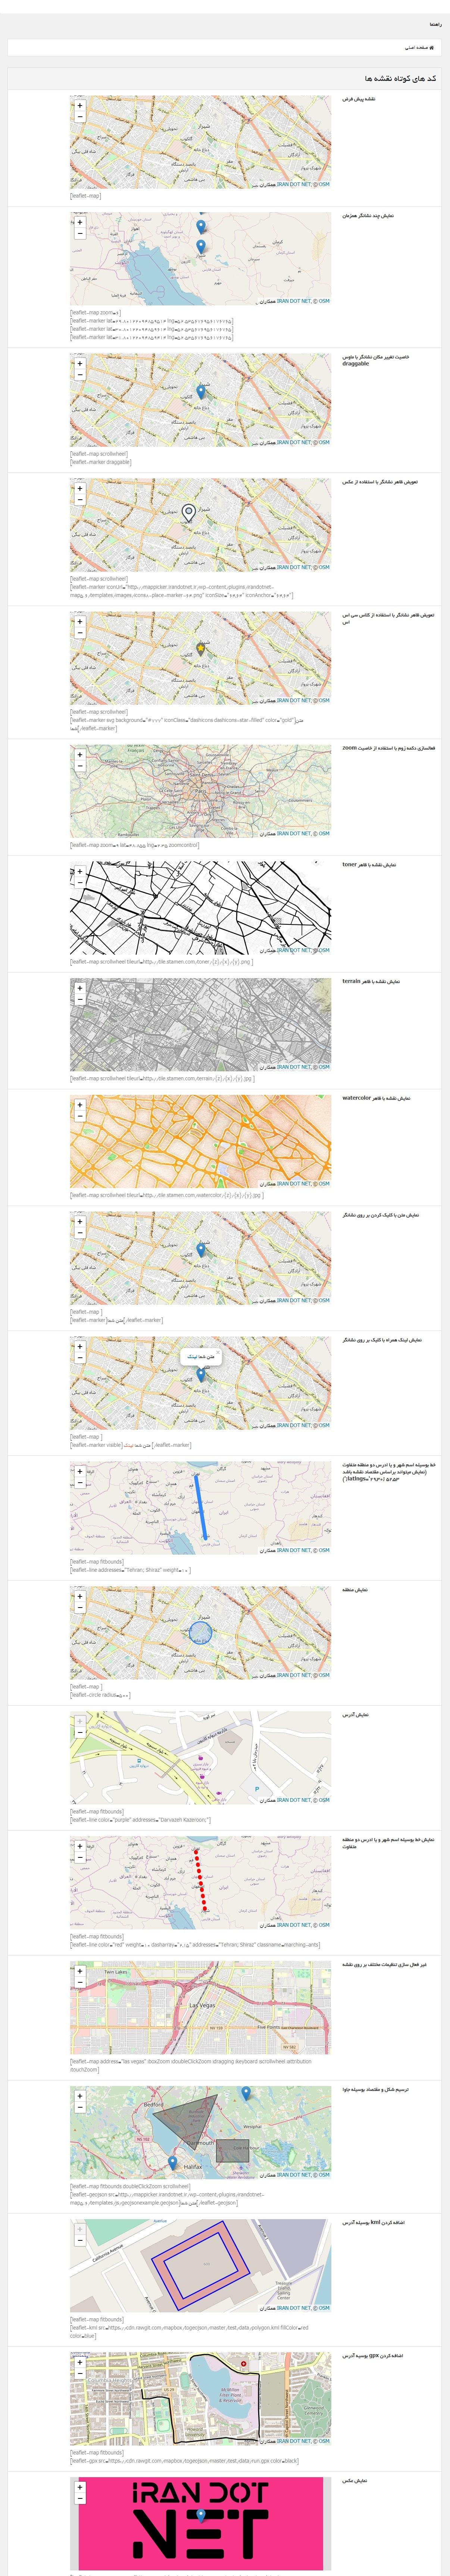 736 1e816088b2049621dd7b9991b - افزونه نقشه ایران برای وردپرس و ووکامرس